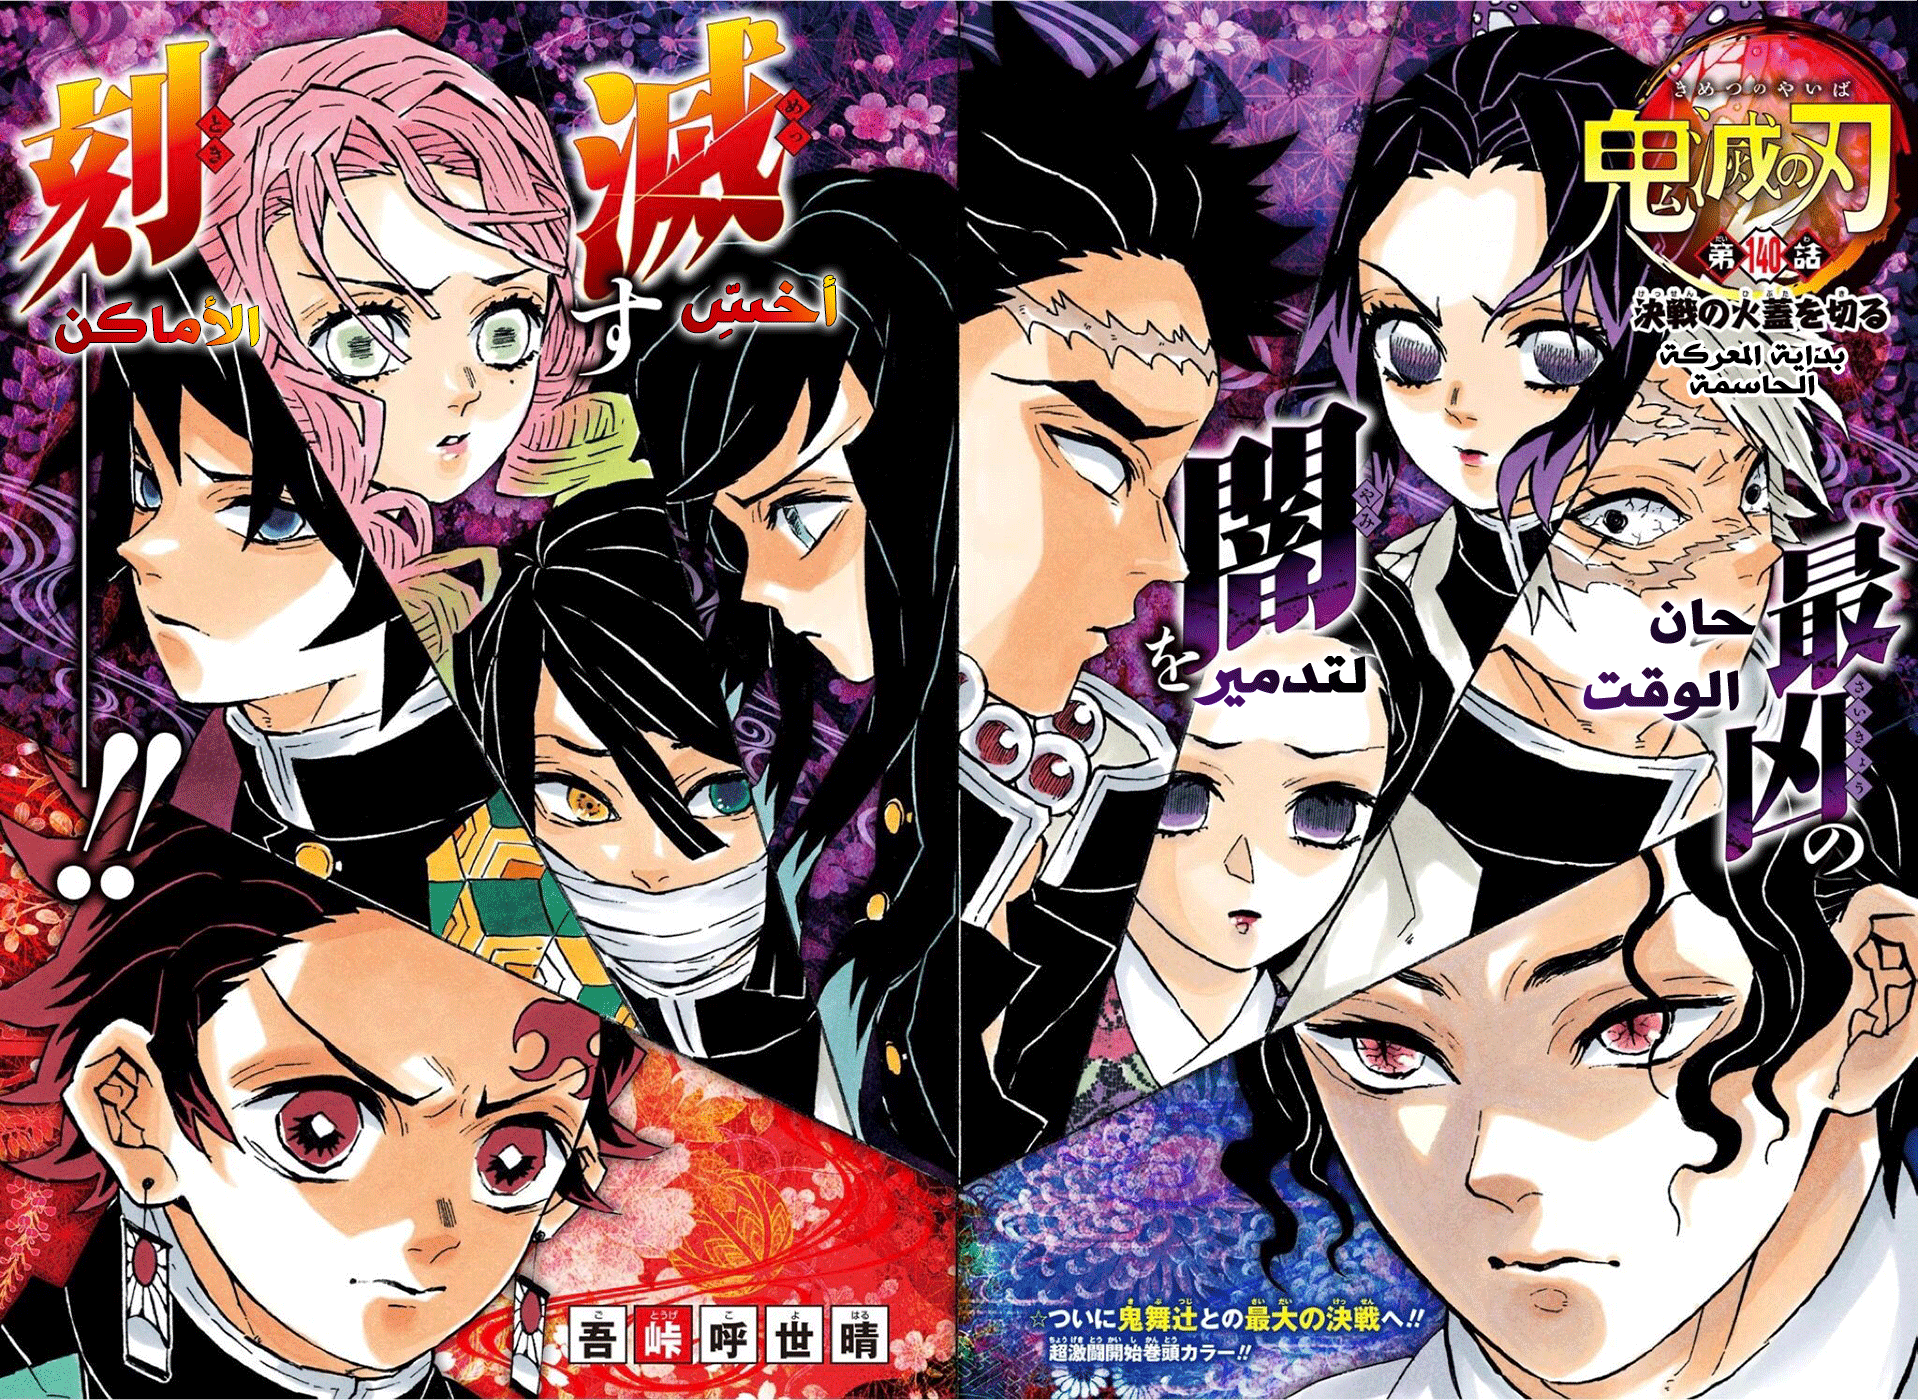 تانجيرو هو الابن البكر لعائلة فقدت أبيها وذهب في يوم لبيع الفحم في إحدى القرى واضطر للمبيت فيها بعد سماعه عن شيطان يحوم حول Anime Demon Anime Slayer Anime